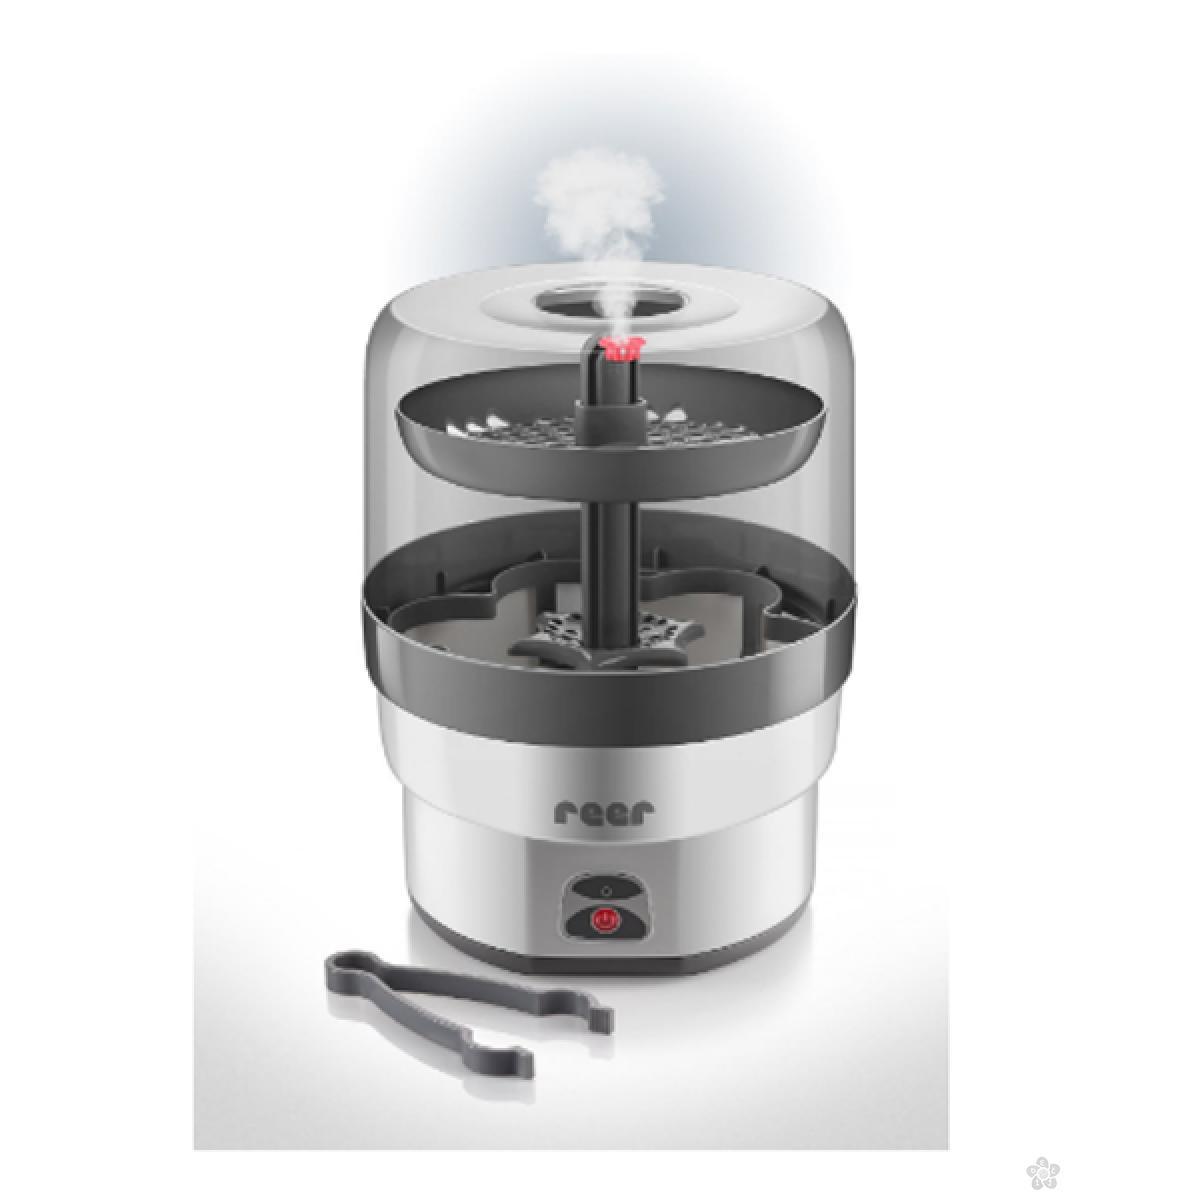 Električni sterilizator Reer VapoMax, 141-36010